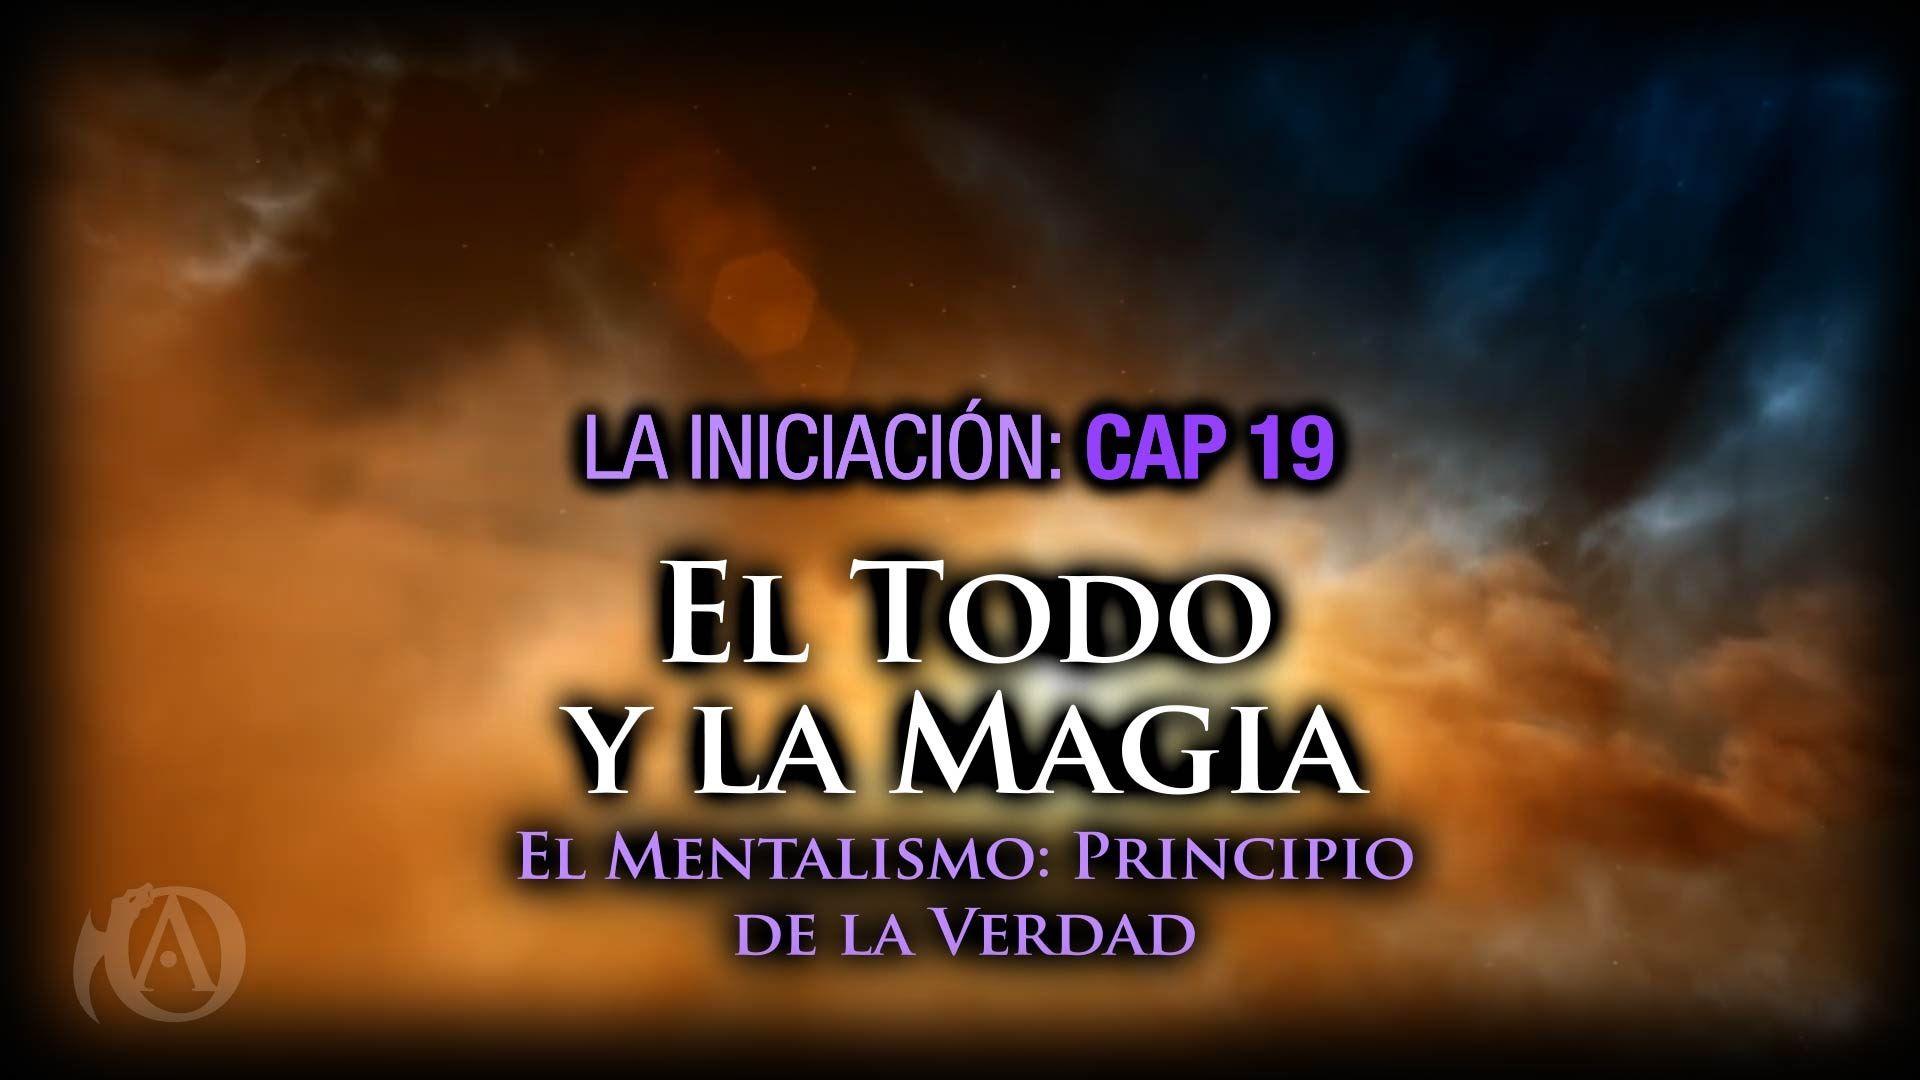 El Todo Y La Magia El Mentalismo Principio De La Verdad Cap 19 Verdades Magia El Principito